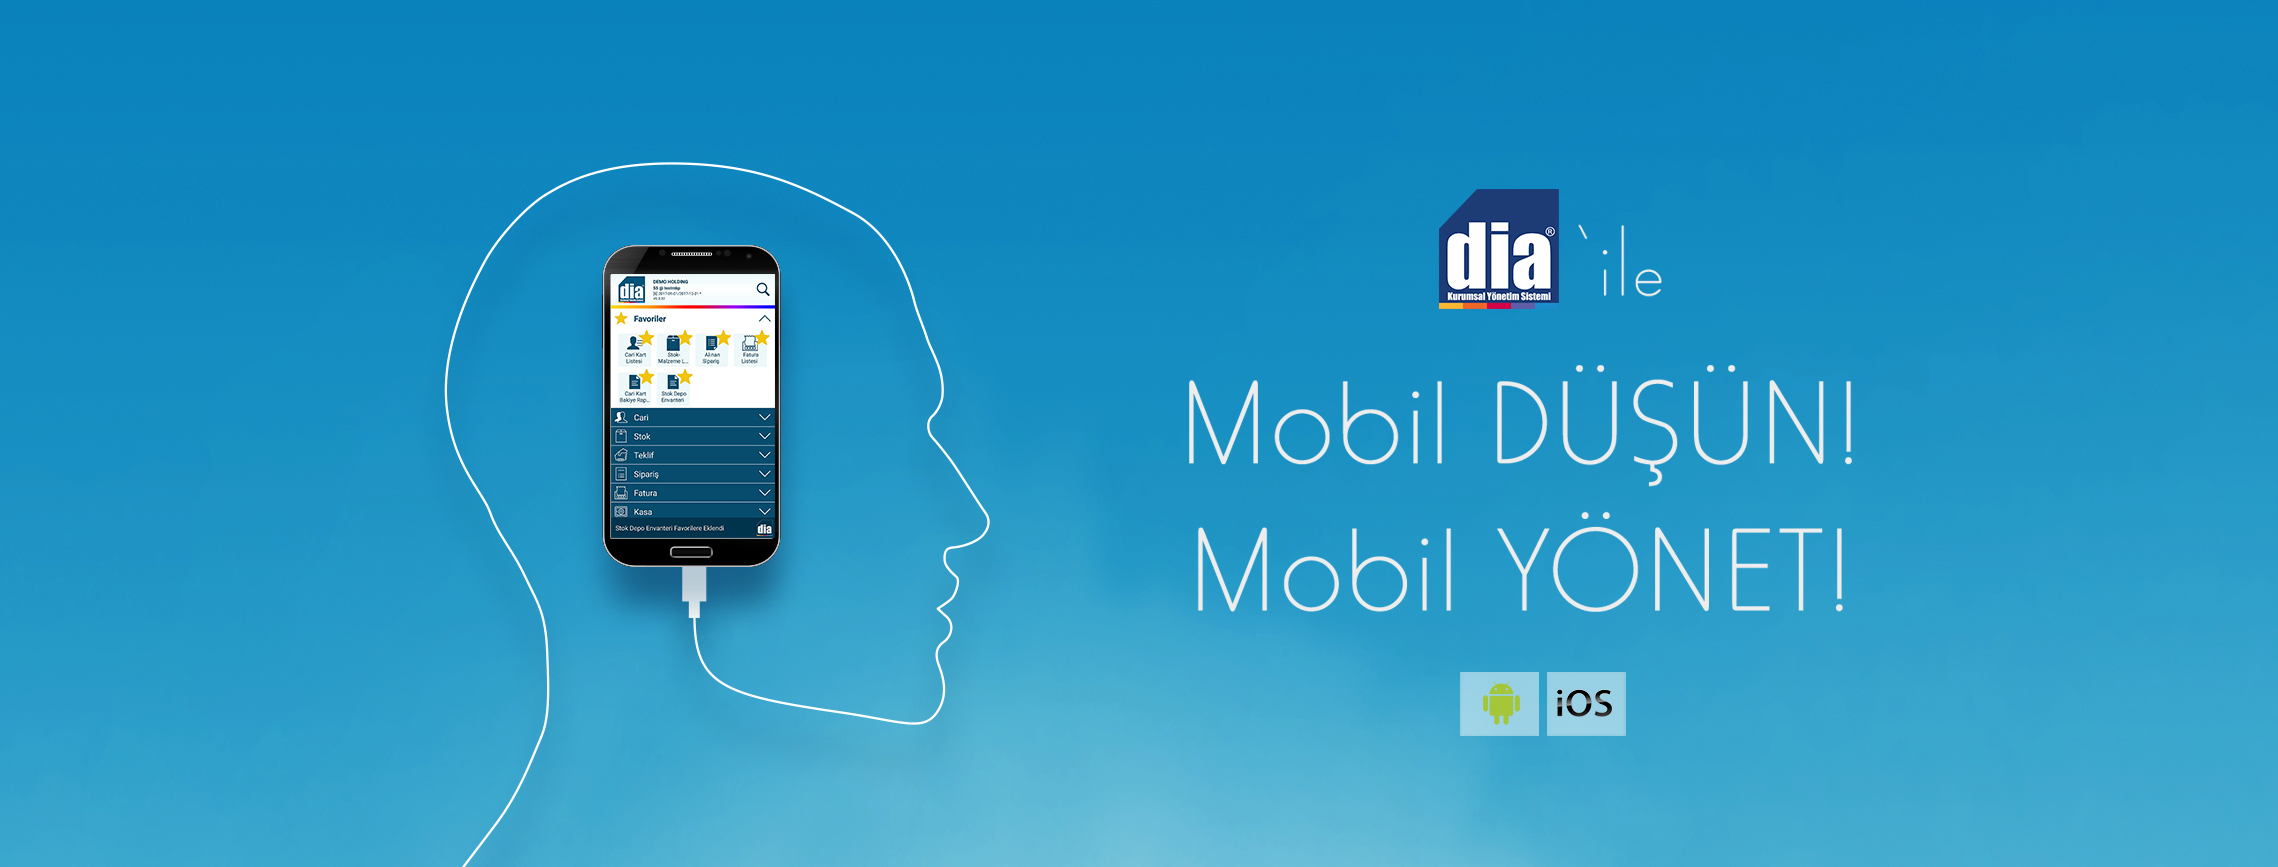 mobil-düşün-mobil-yönet